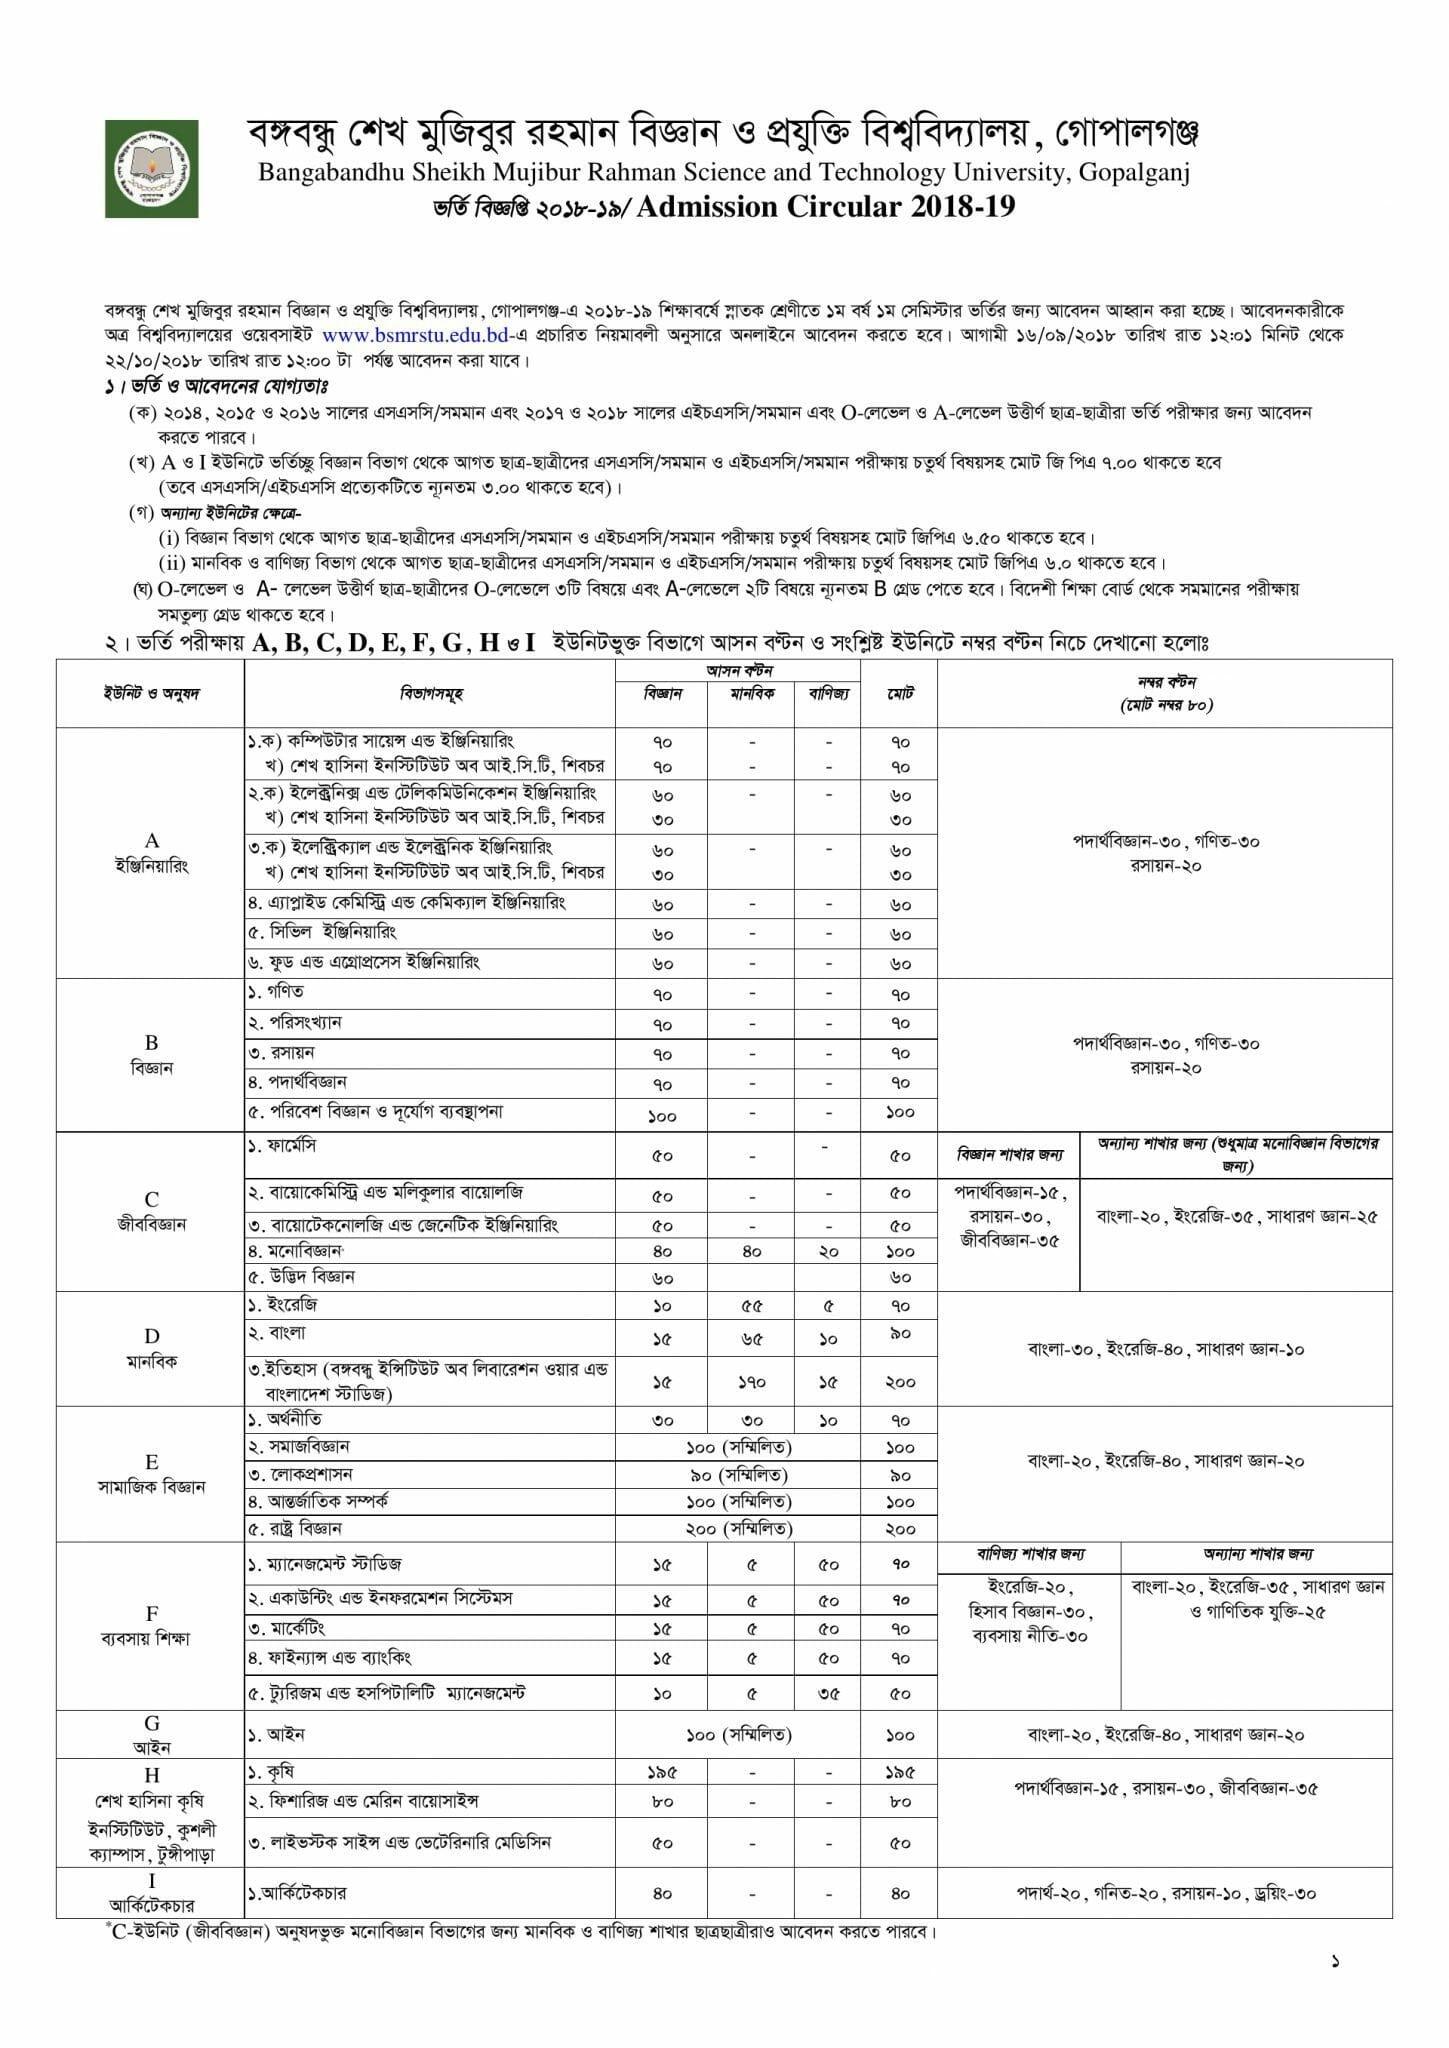 বঙ্গবন্ধু-শেখ-মুজিবুর-রহমান-বিজ্ঞান-ও-প্রযুক্তি-বিশ্ববিদ্যালয়-1